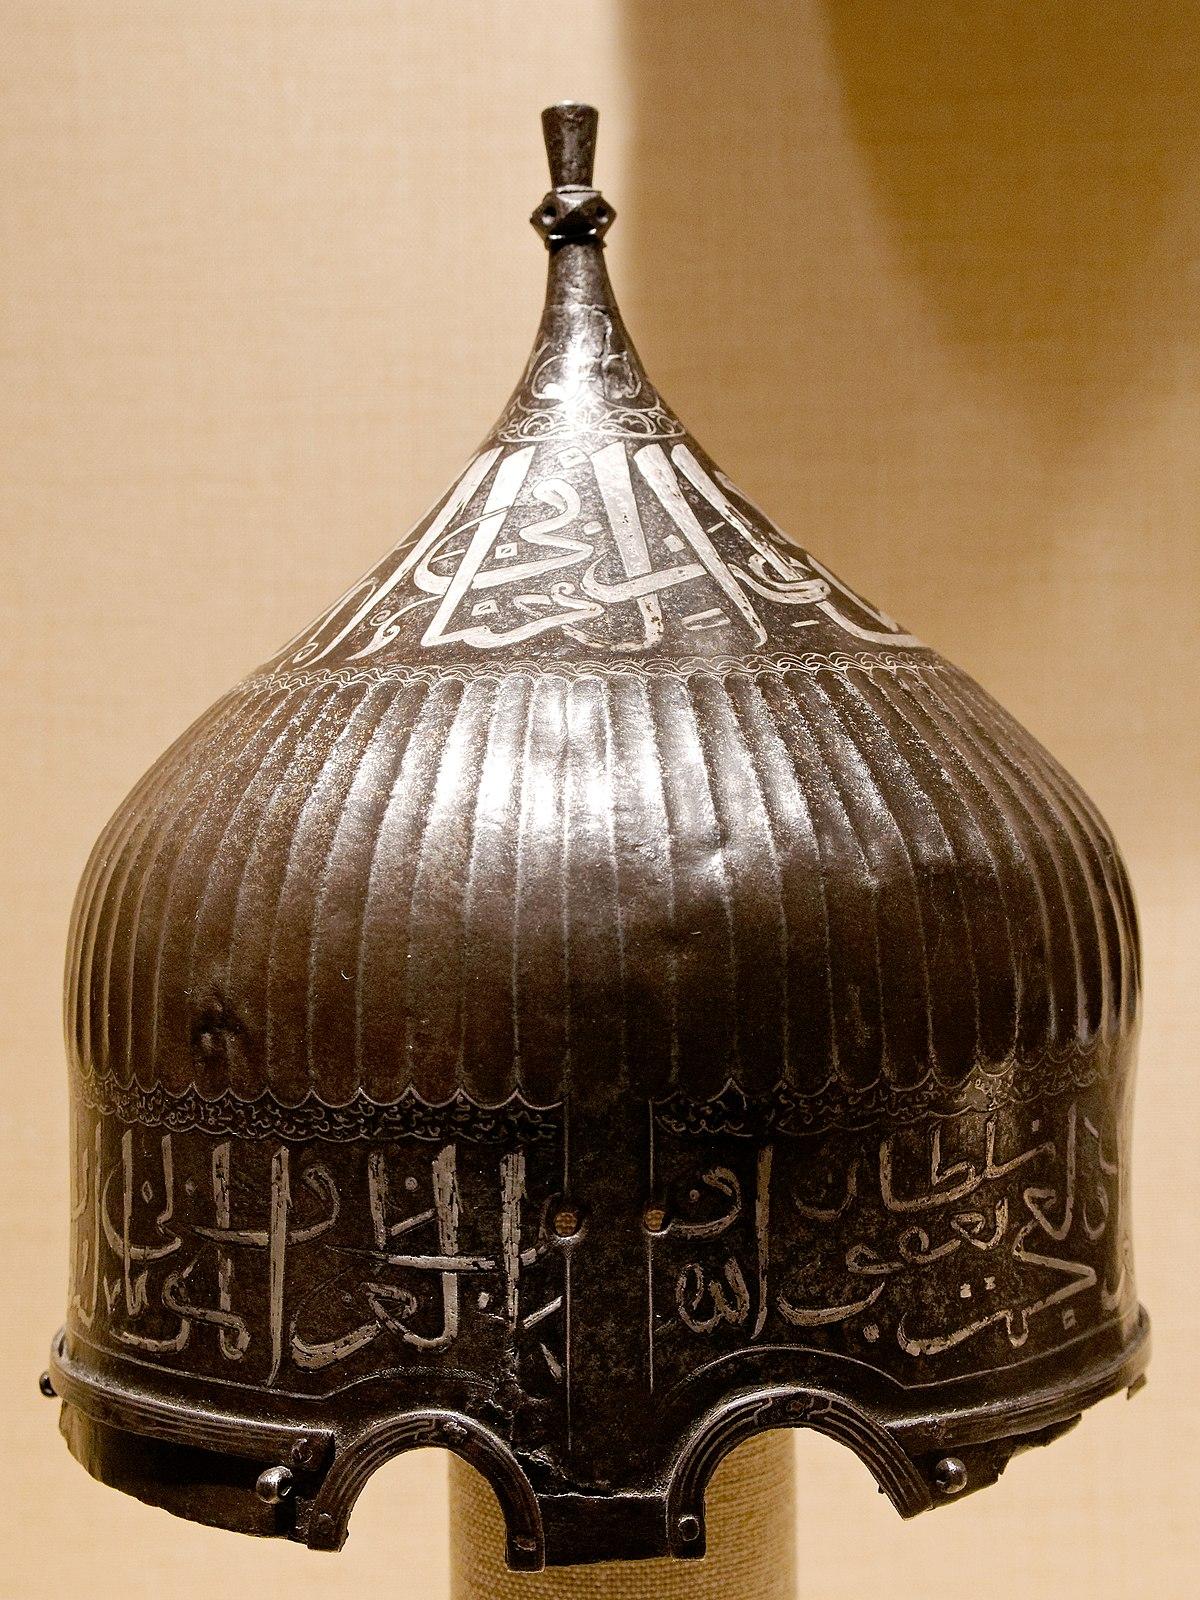 Mirza Wikipedia